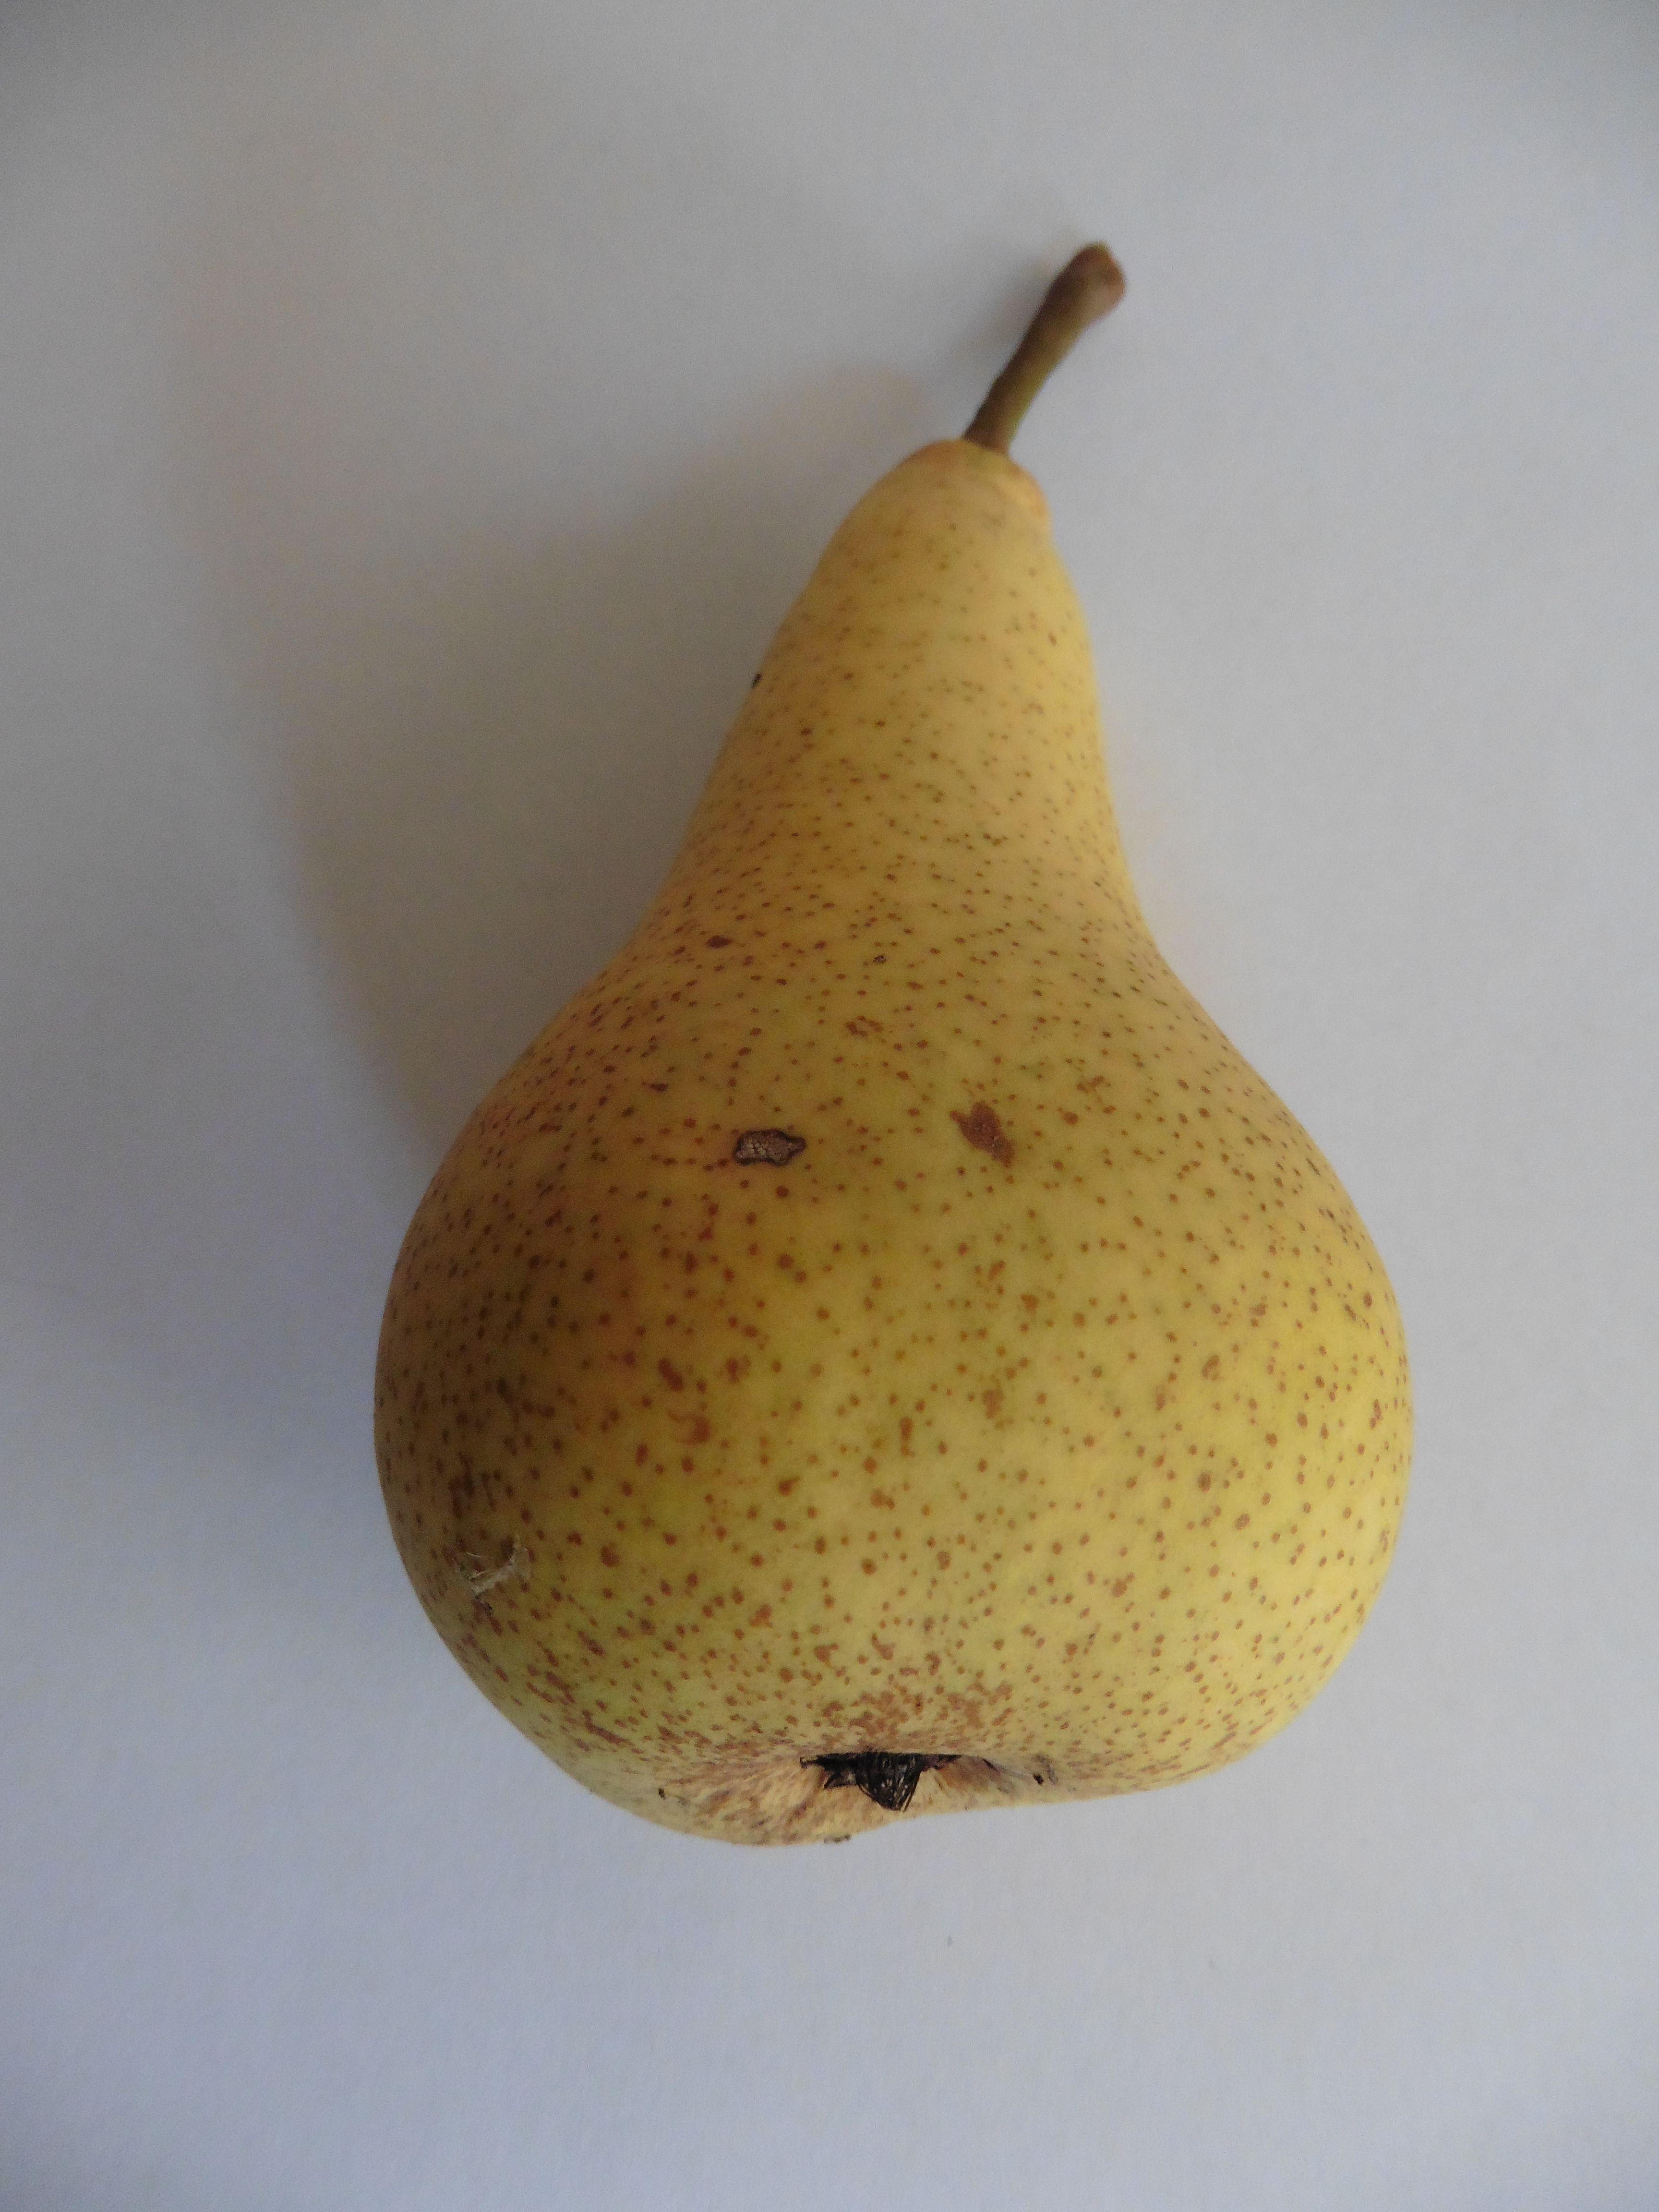 Deacons pear